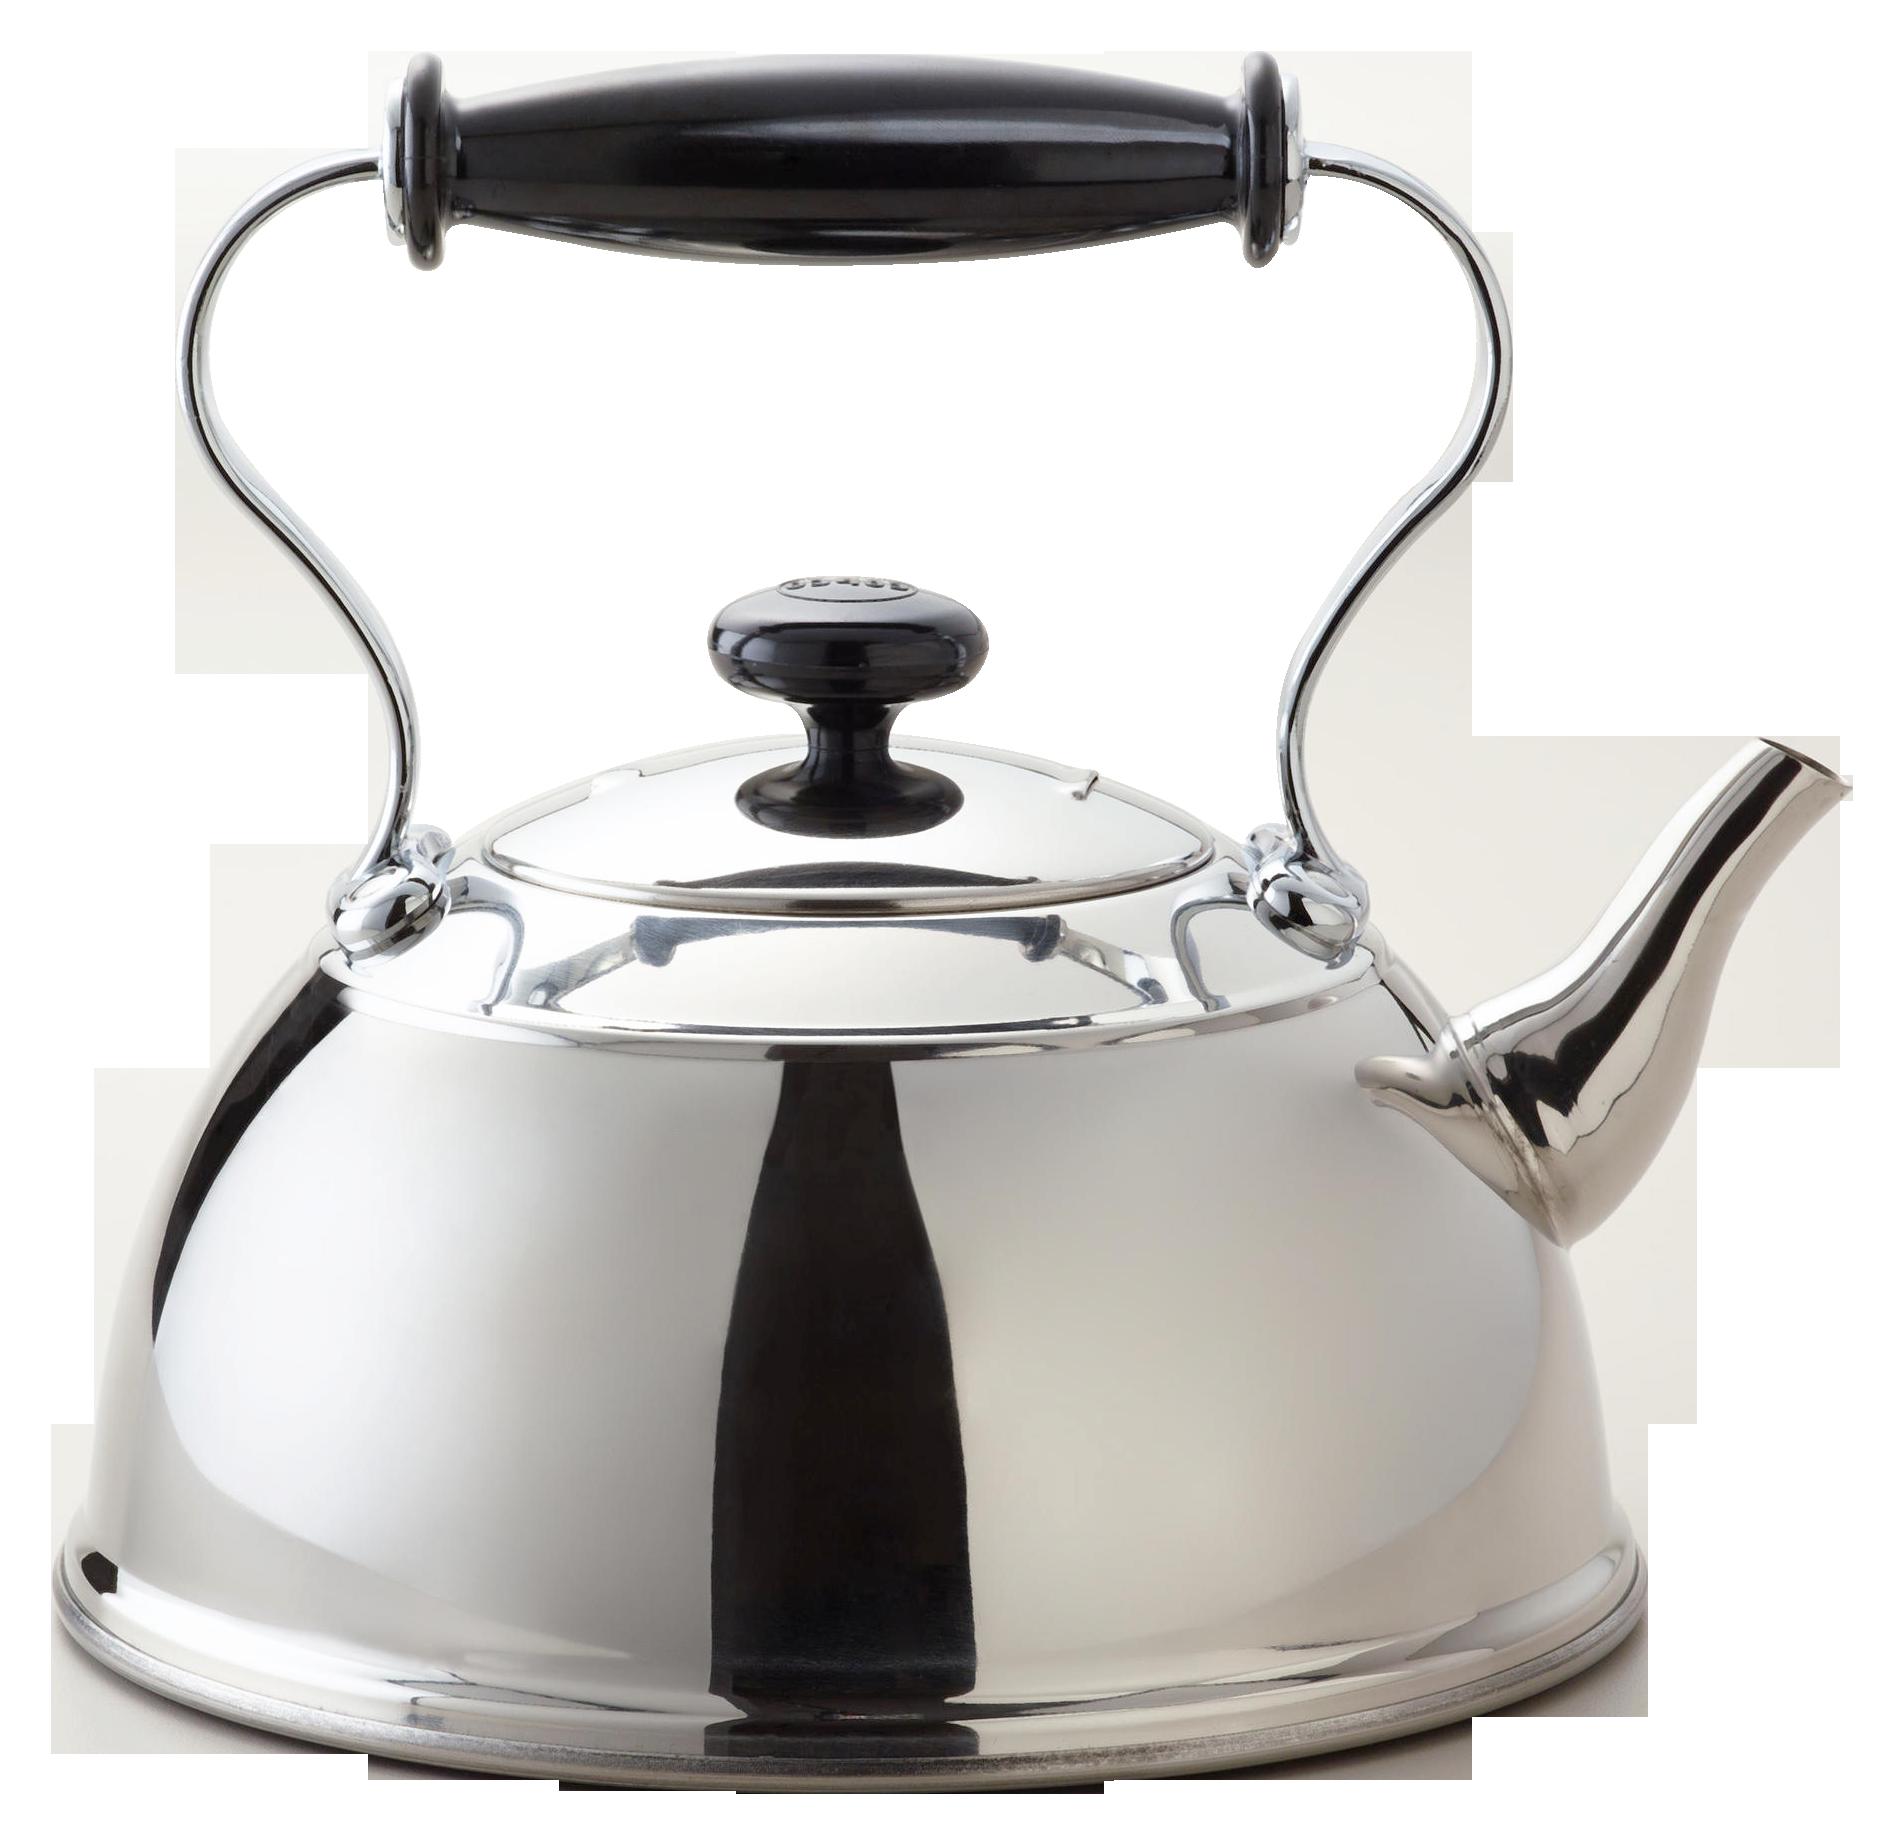 Tea Kettle Png Image Tea Kettle Electric Tea Kettle Kettle